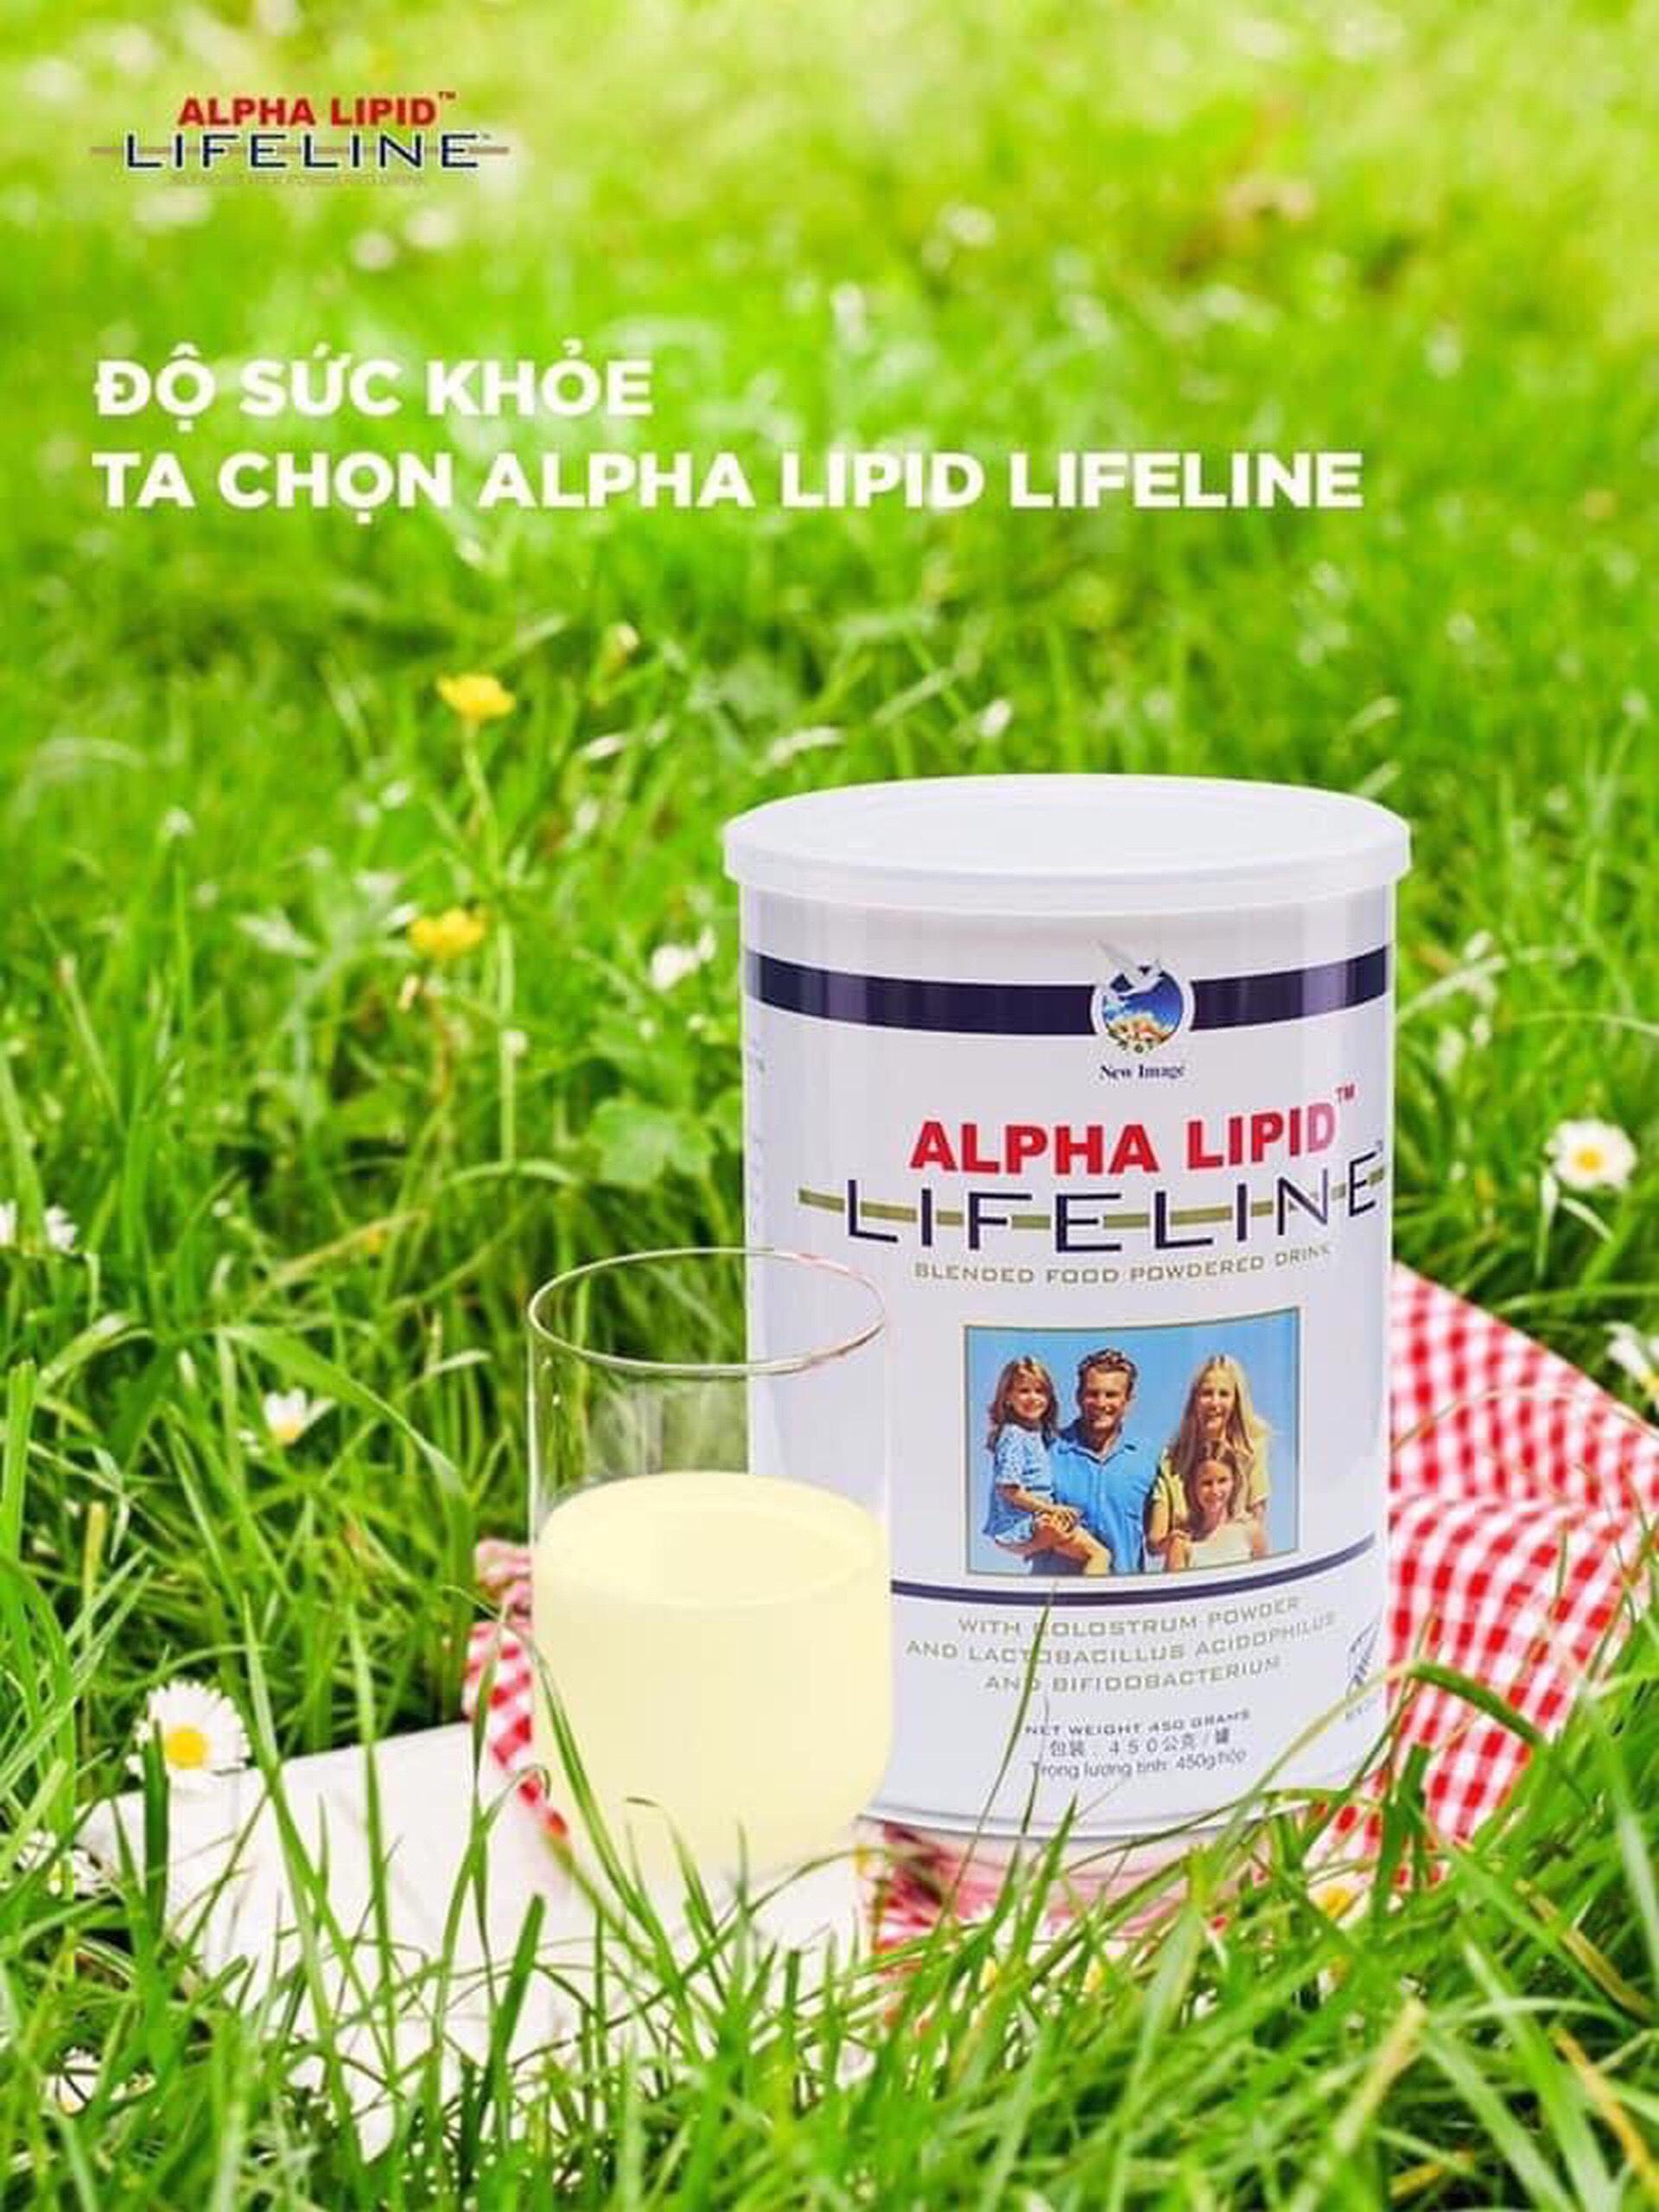 Sữa Non ALPHA LIPID LIFELINE, Sữa Non Chính Hãng,Sữa Non ALPHA LIPID LIFELINE Chính Hãng.